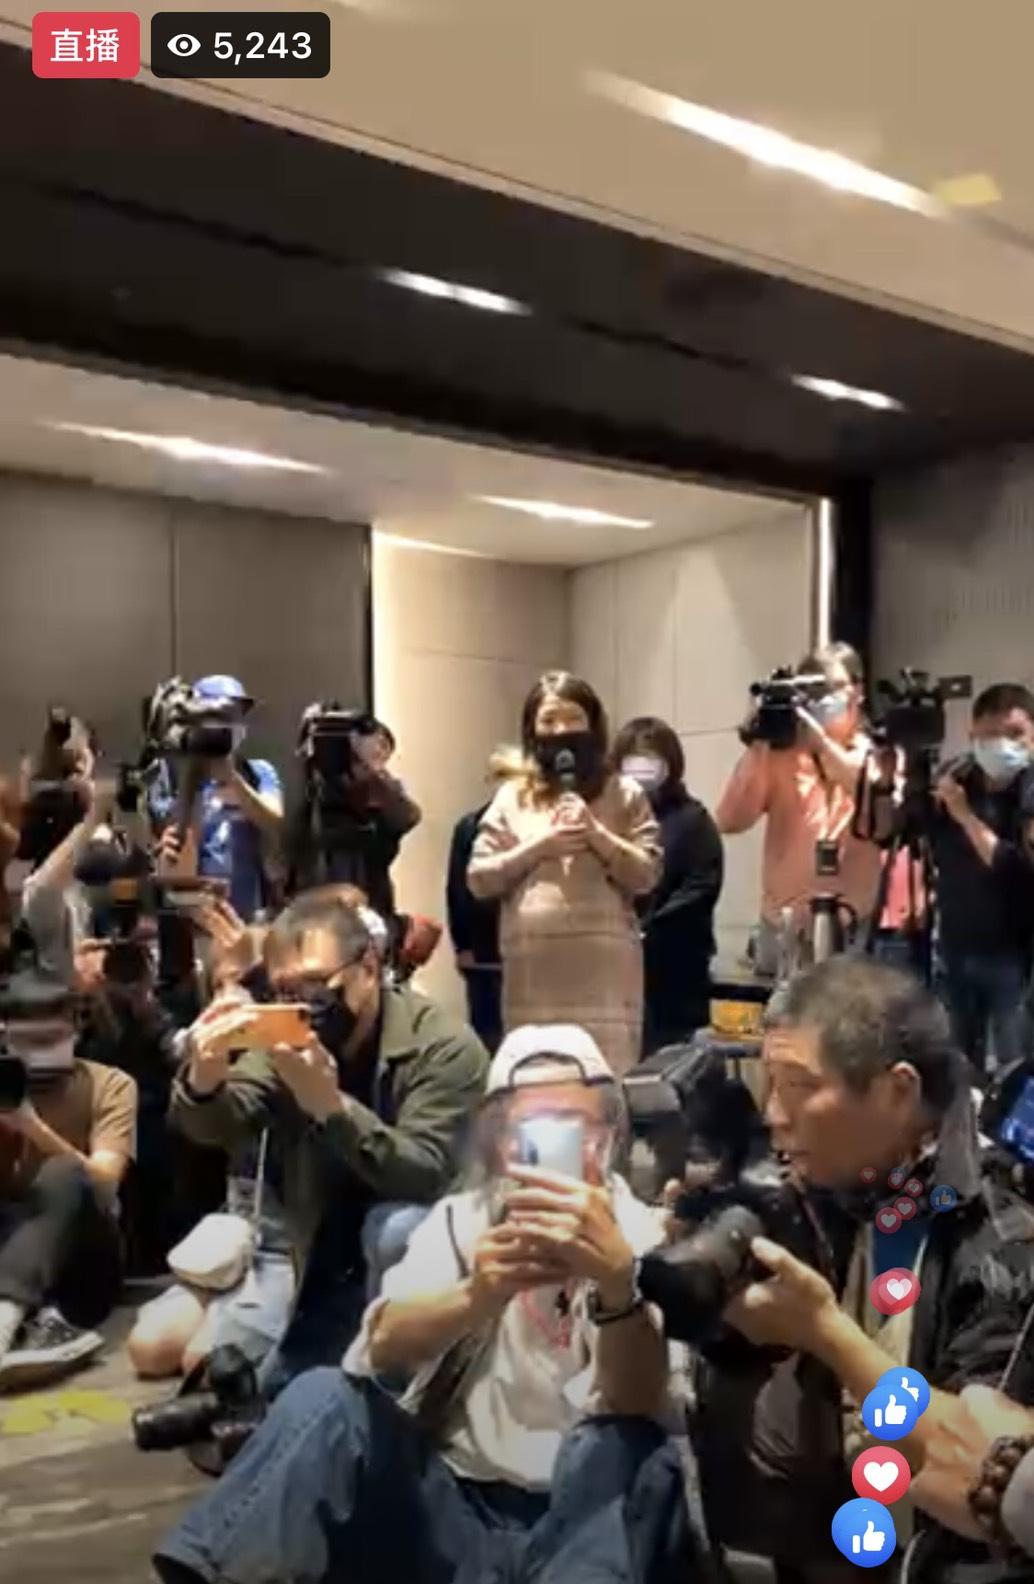 雞排妹4日晚間在自己的FB上放話將會出席「翁立友」記者會,而今日她也十分準時的在下午2點鐘就抵達現場。  但豪記唱片發言人卻堅持,若雞排妹不離開,說明會將不會舉行,甚至還拜託所有在現場的記者媒體幫忙趕人。  獨自一人前往的雞排妹則坐在現場,開啟手機直播表示:「我們兩個都是當事人,為什麼不能面對面說」,並聲明自己不會發表任何言論,尊重這是「對方的說明會」。   經過大約40分鐘的僵持後,豪記唱片表示今日記者會先行取消,說明會將改由「線上直播」的方式舉行,而雞排妹聽聞後也終於起身離開。  不料雞排妹前腳一走,翁立友就立即現身開啟說明會,並再三澄清自己「絕對沒有」性騷擾雞排妹,其律師也表示相關事件也已進入法律程序,將用司法力證翁立友清白。  但萬萬沒想到雞排妹得知翁立友出席後,立刻搭車返回現場,但卻被工作人員阻擋在門外,直至翁立友離開前都未能見到他。  最後面對記者的採訪,雞排妹面露無奈說道:「為什麼不敢跟我見面」、「對方之前就說要放影片佐證,為什麼這麼多天了都還沒放出來」、「影片中可以看到他確實有改歌詞,有說要幫我開公司的話!」  面對此次宛如八點檔般的鬧劇,觀眾紛紛抱持著相當兩幾的看法,有人力挺翁立友:「人家不是不敢見你,是不想」、「害怕見到你又要被你說性騷擾」、「不請自來,打亂大家行程有比較好嗎」  但也有網友力挺雞排妹:「對方為何不敢正面對決,心虛嗎?」、「翁講了半天感覺完全沒講到重點」、「雞排妹敢一人前往也是真的很勇敢了」、「承受這麼大的壓力都敢要去,可能真的有隱情」。